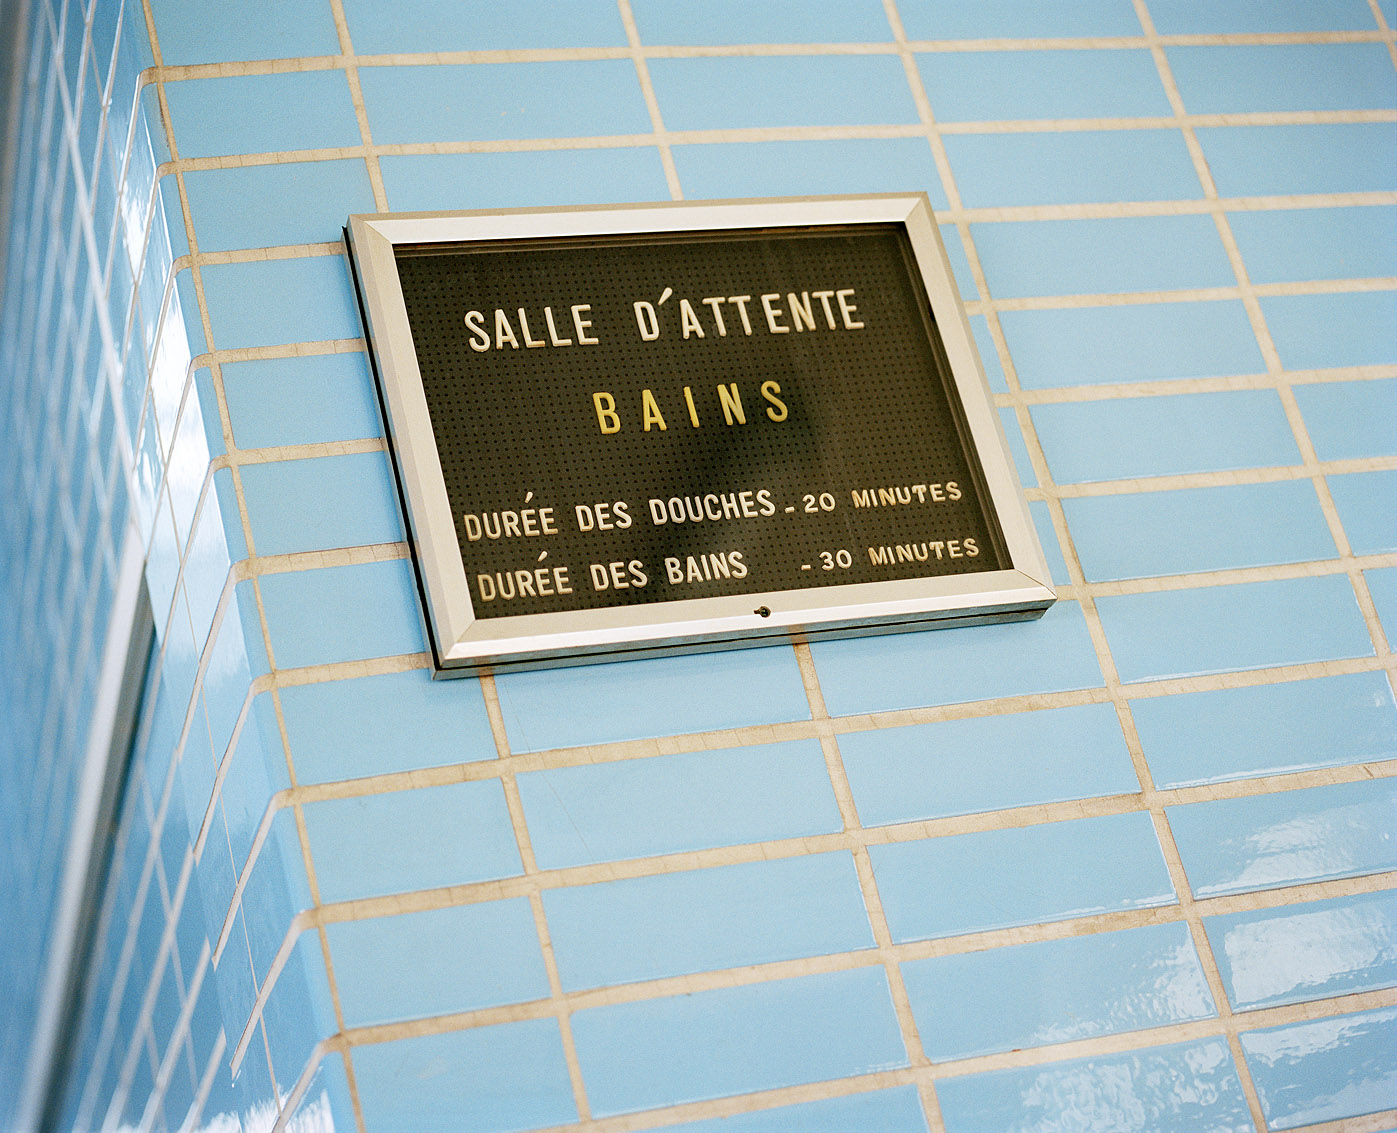 Salle d'attente des bains-douches Wazemmes de Lille.